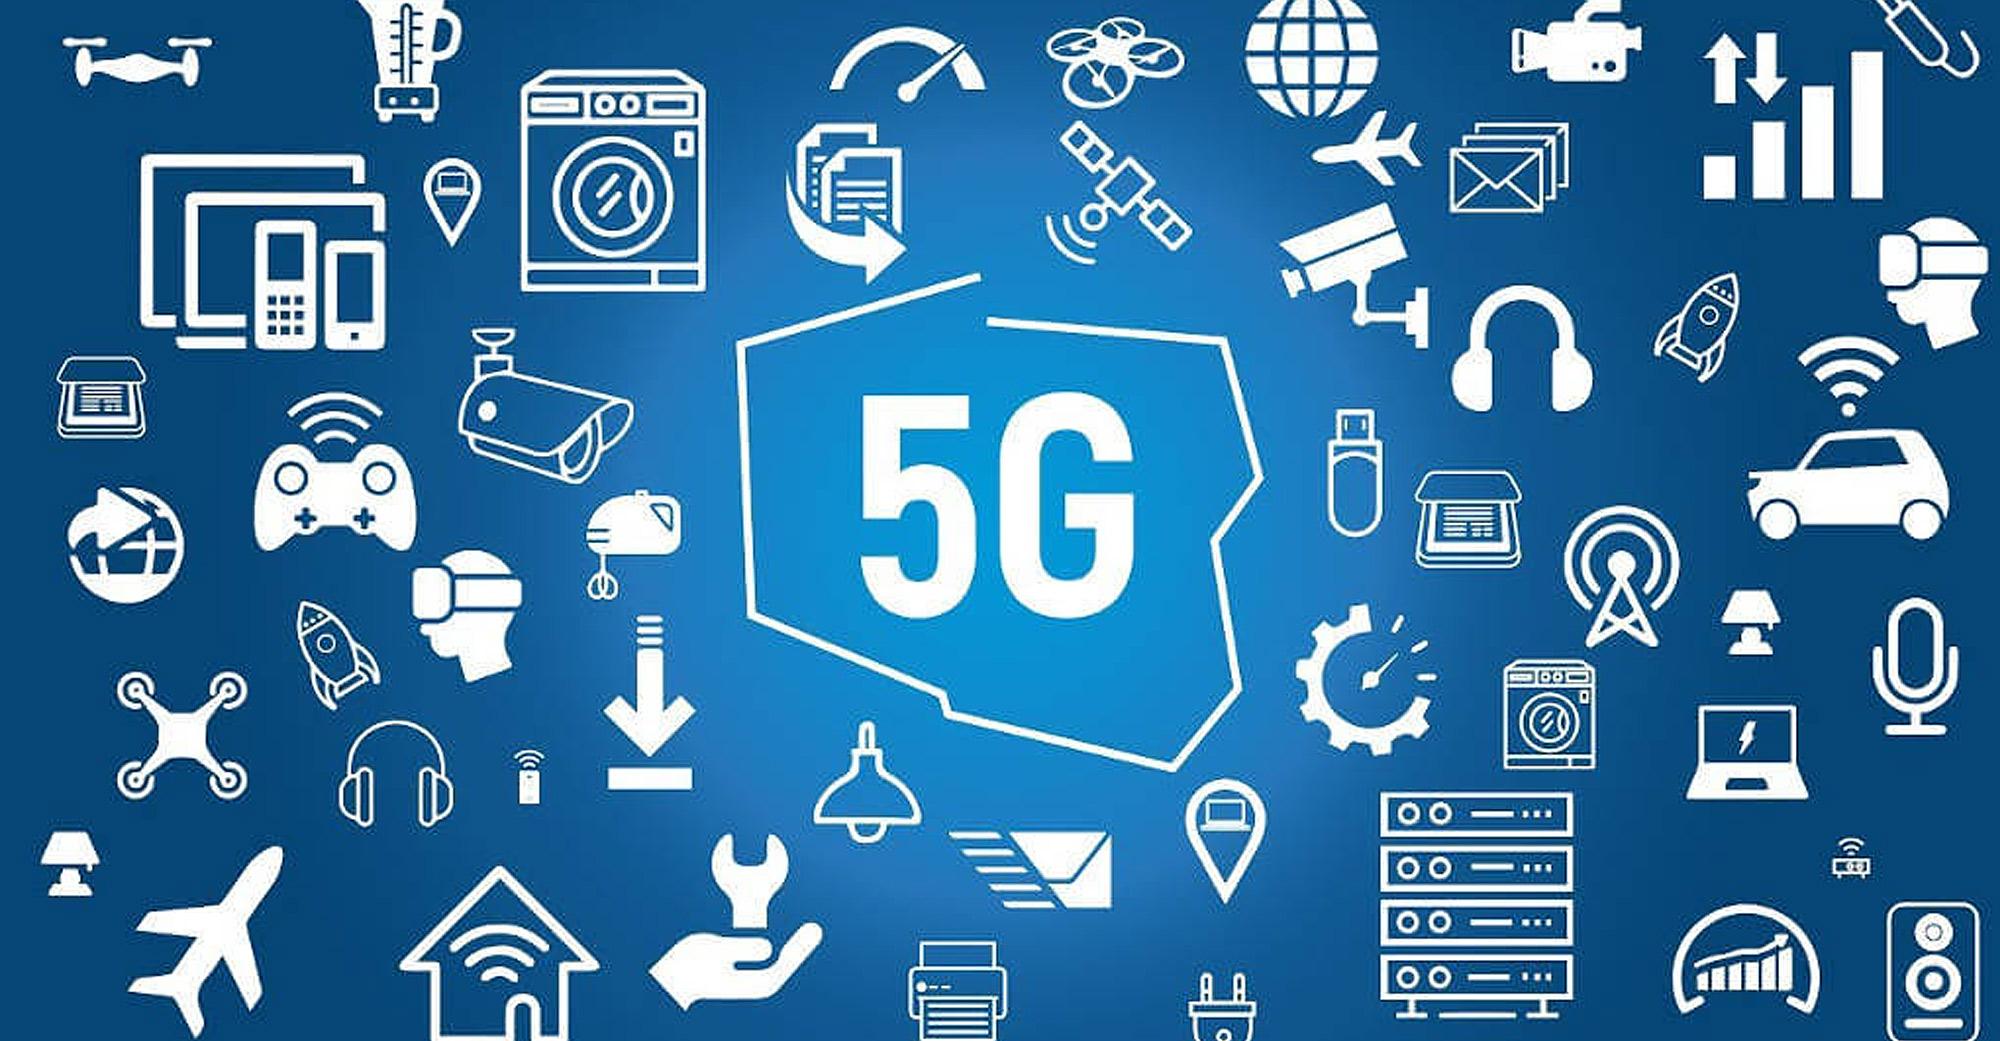 Έρχεται με ...ταχύτητα το 5G που θα αλλάξει τα πάντα. - teetkm.gr